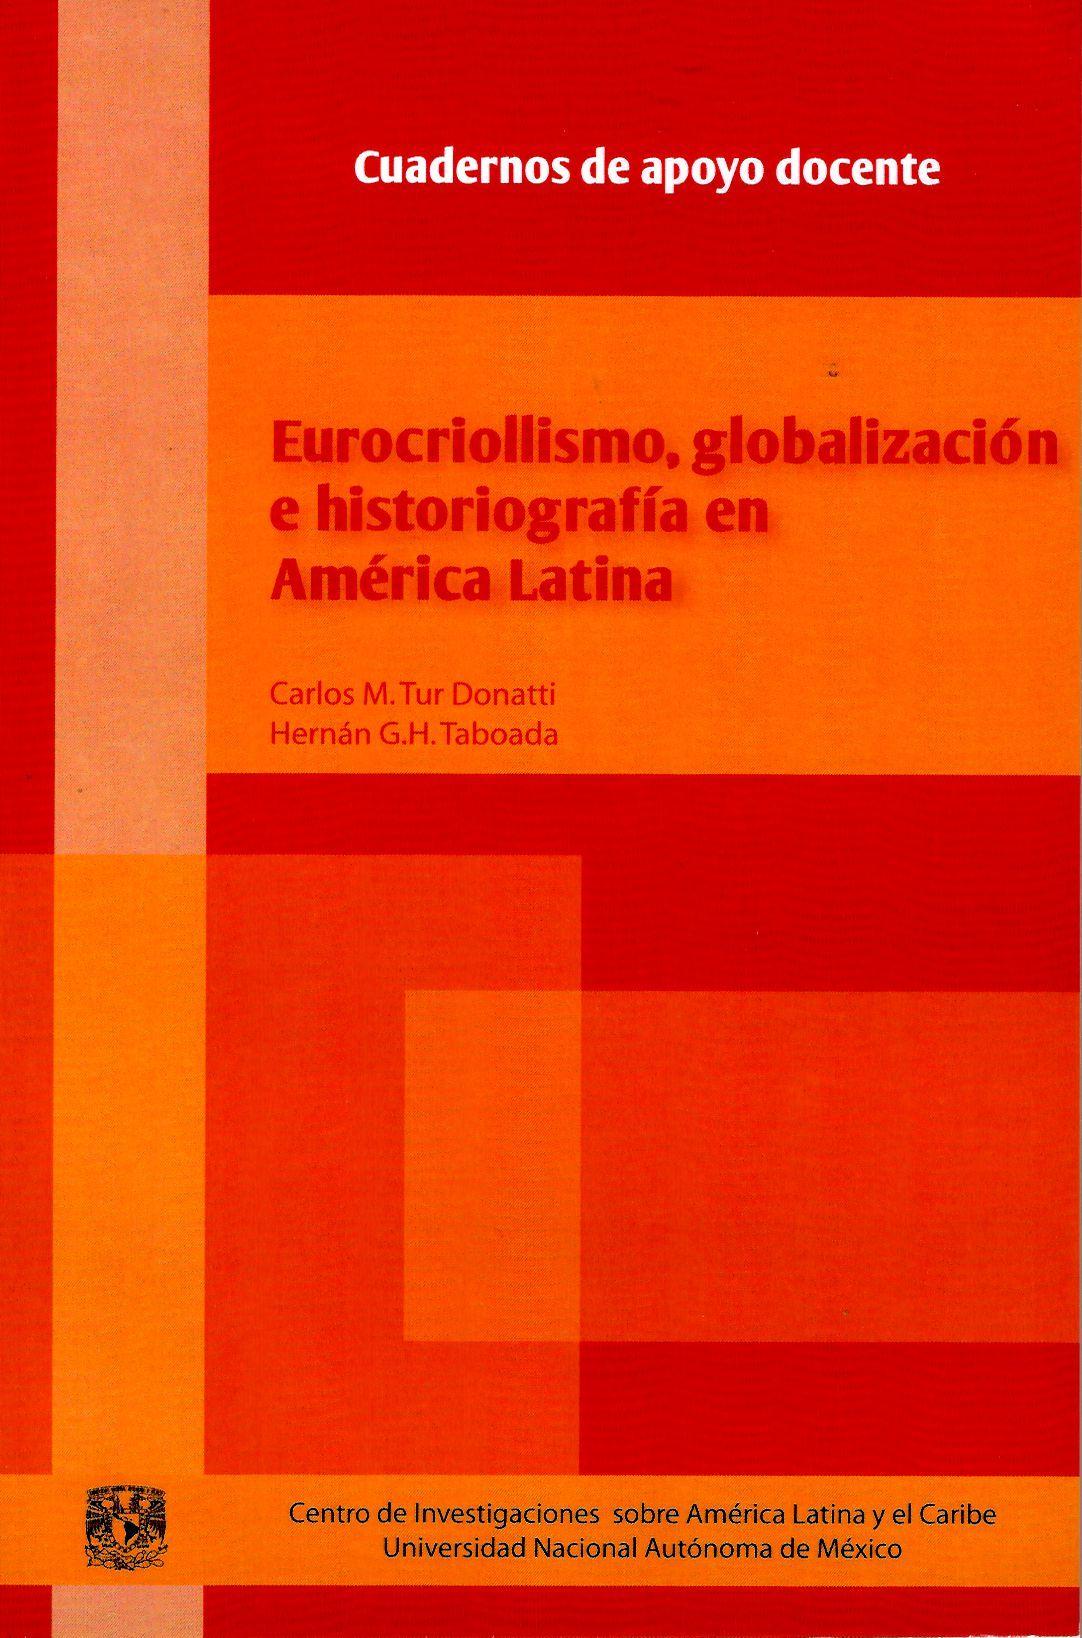 Eurocriollismo, globalización e historiografía en América Latina